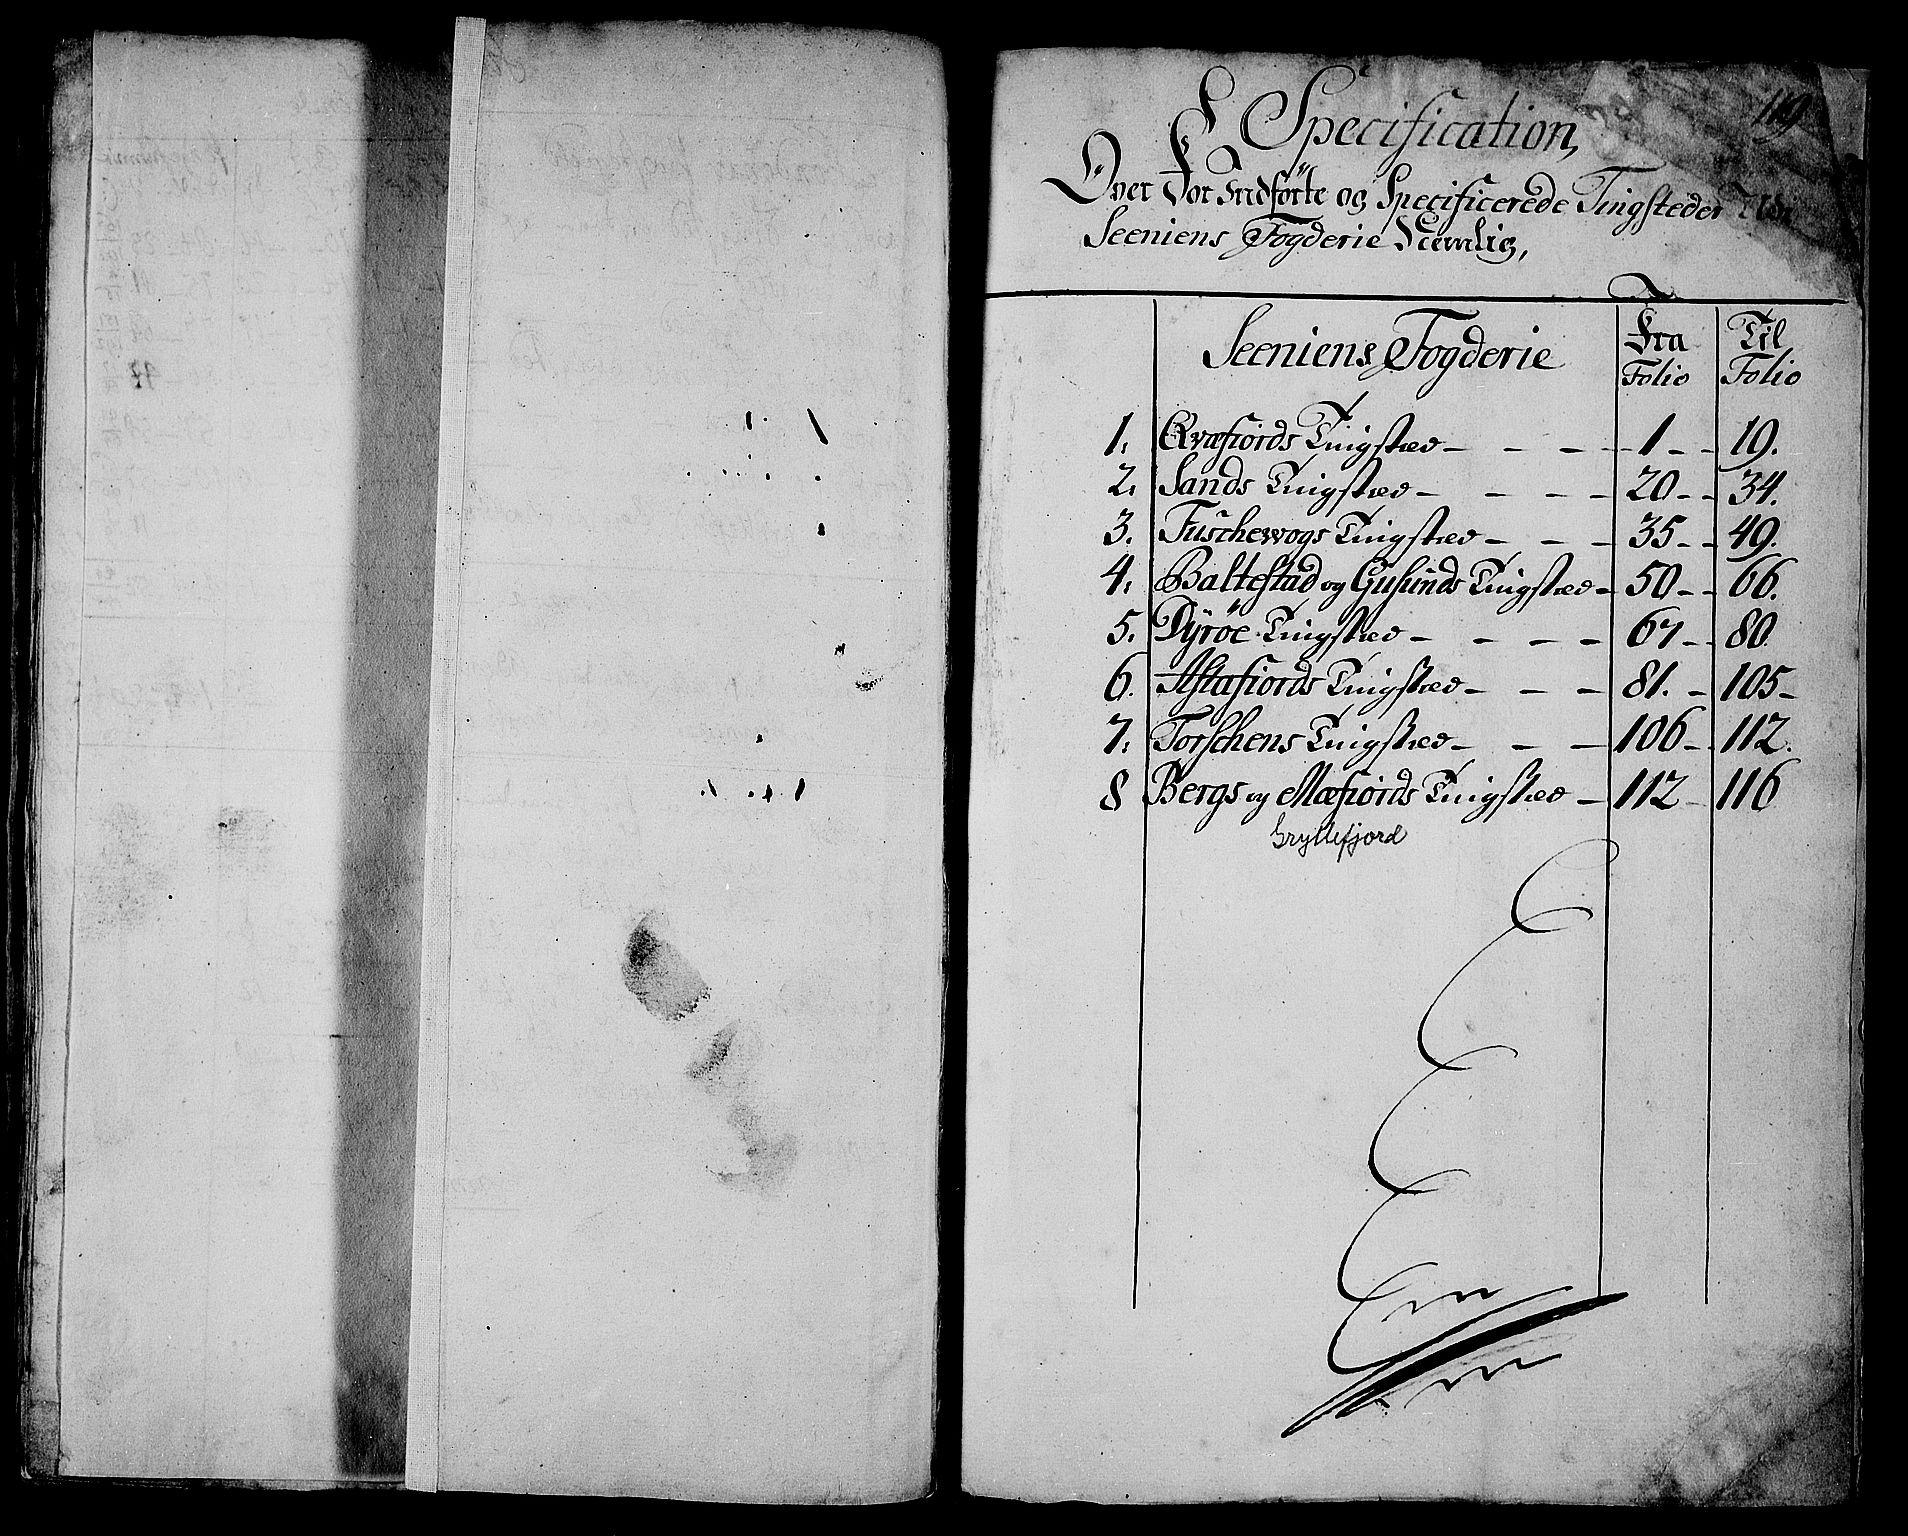 RA, Rentekammeret inntil 1814, Realistisk ordnet avdeling, N/Nb/Nbf/L0179: Senja matrikkelprotokoll, 1723, s. upaginert